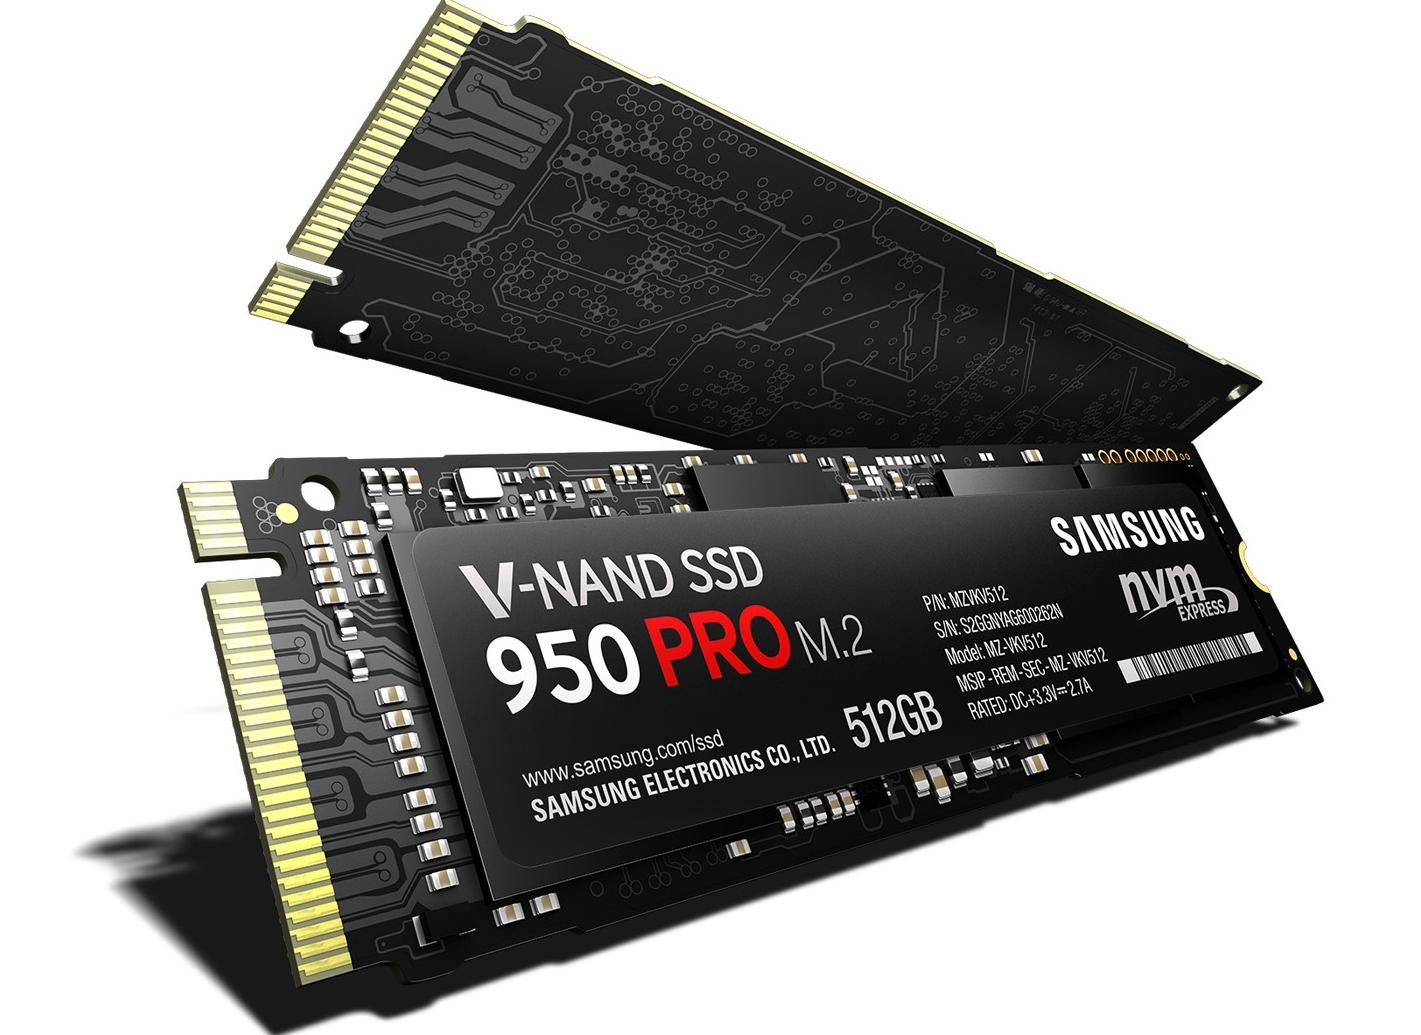 Рис.5. Твёрдотельный накопитель Samsung 950 Pro – один из самых компактных и быстрых